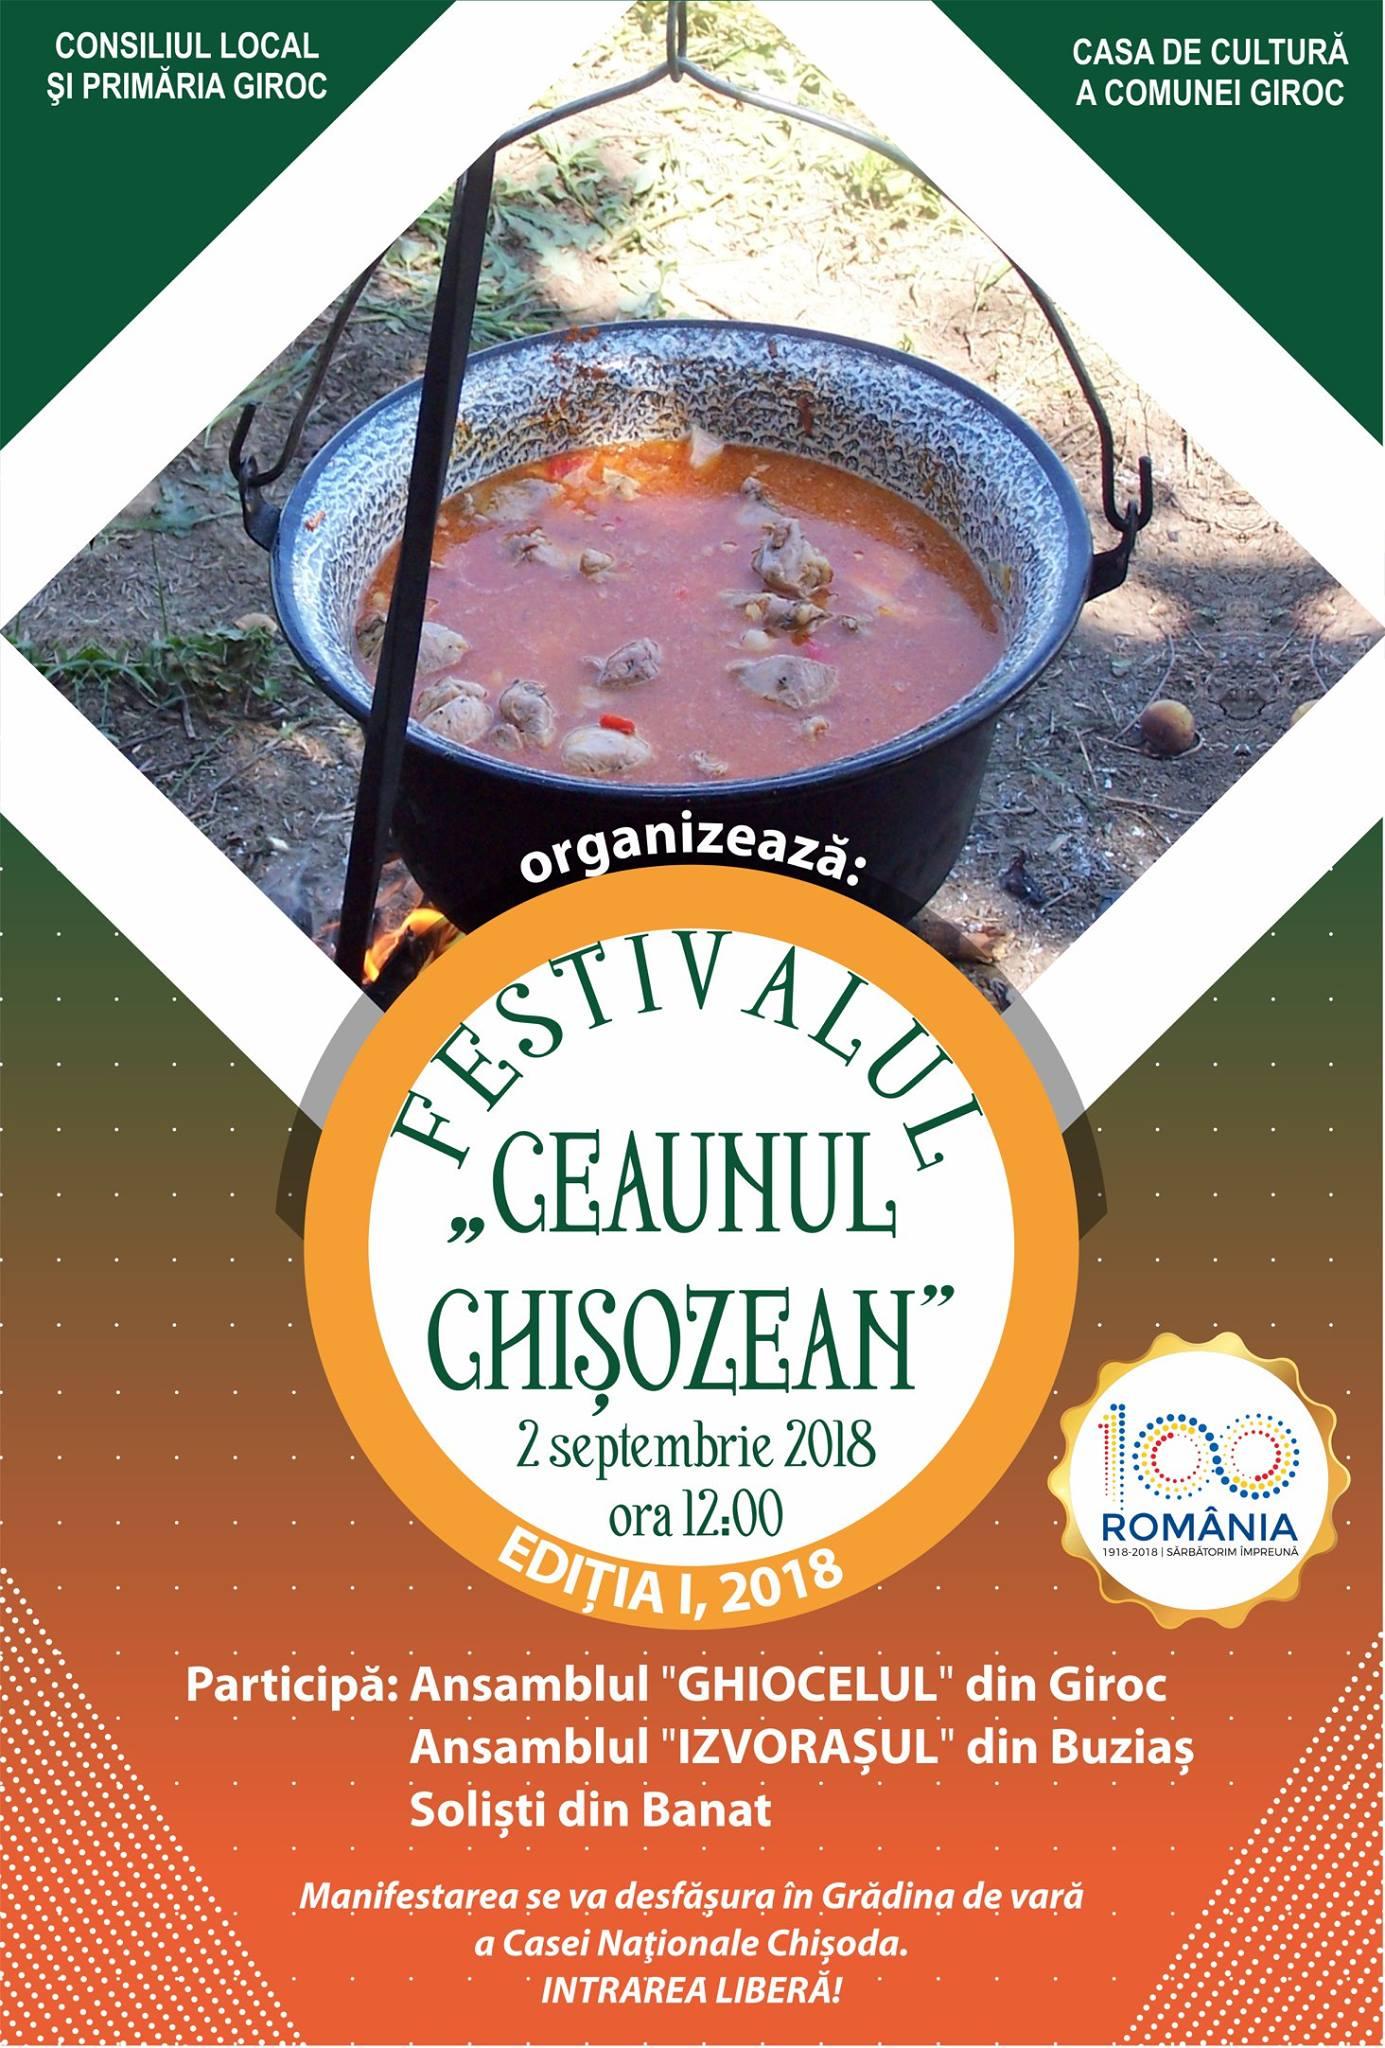 festivalul ceunul chisozean